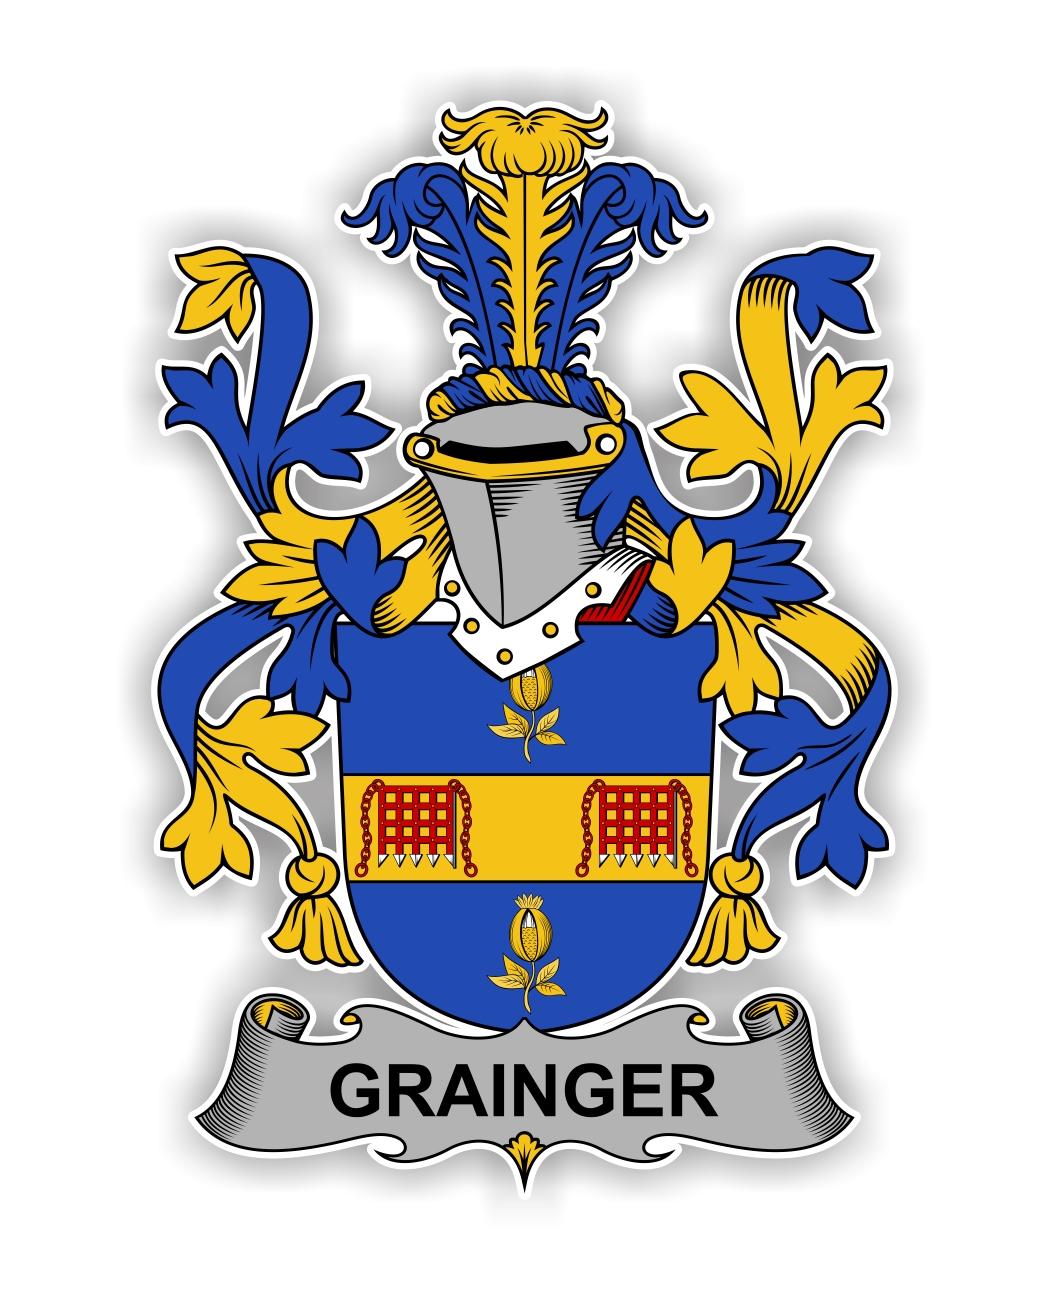 Grainger stock options